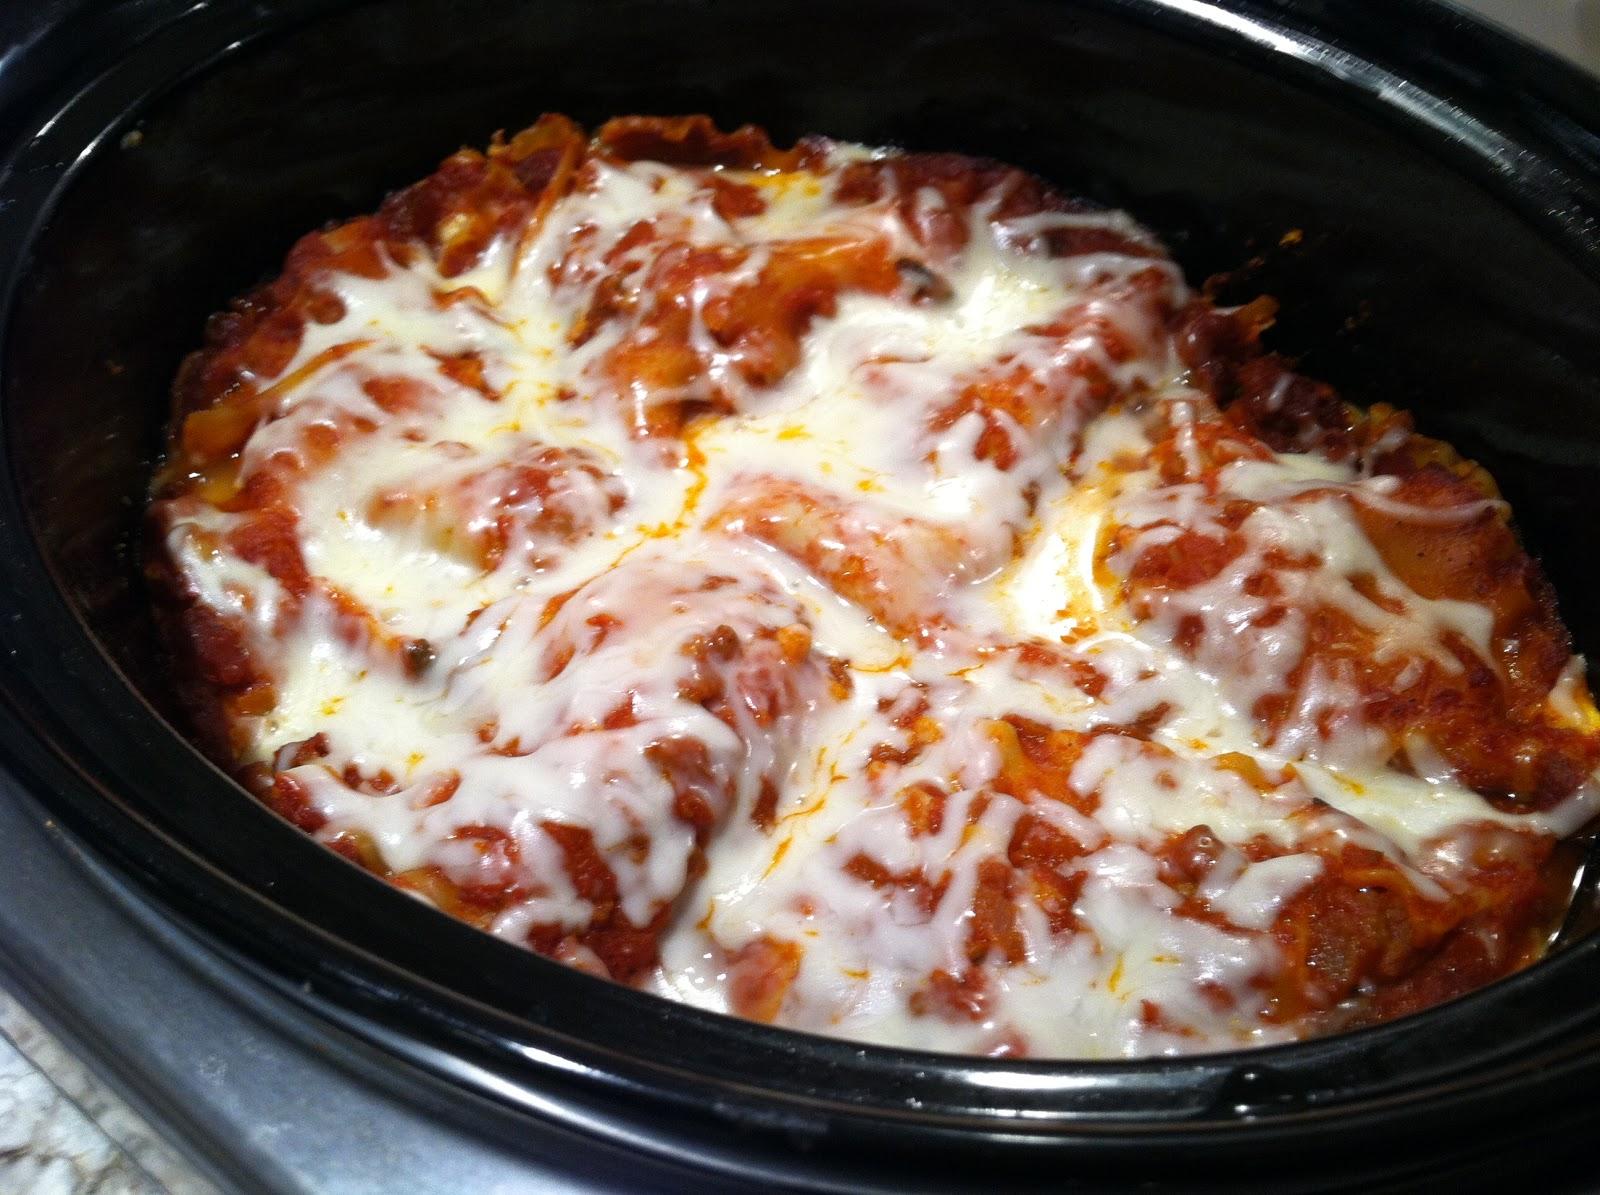 The Best Lasagna Ever Tasty Kitchen